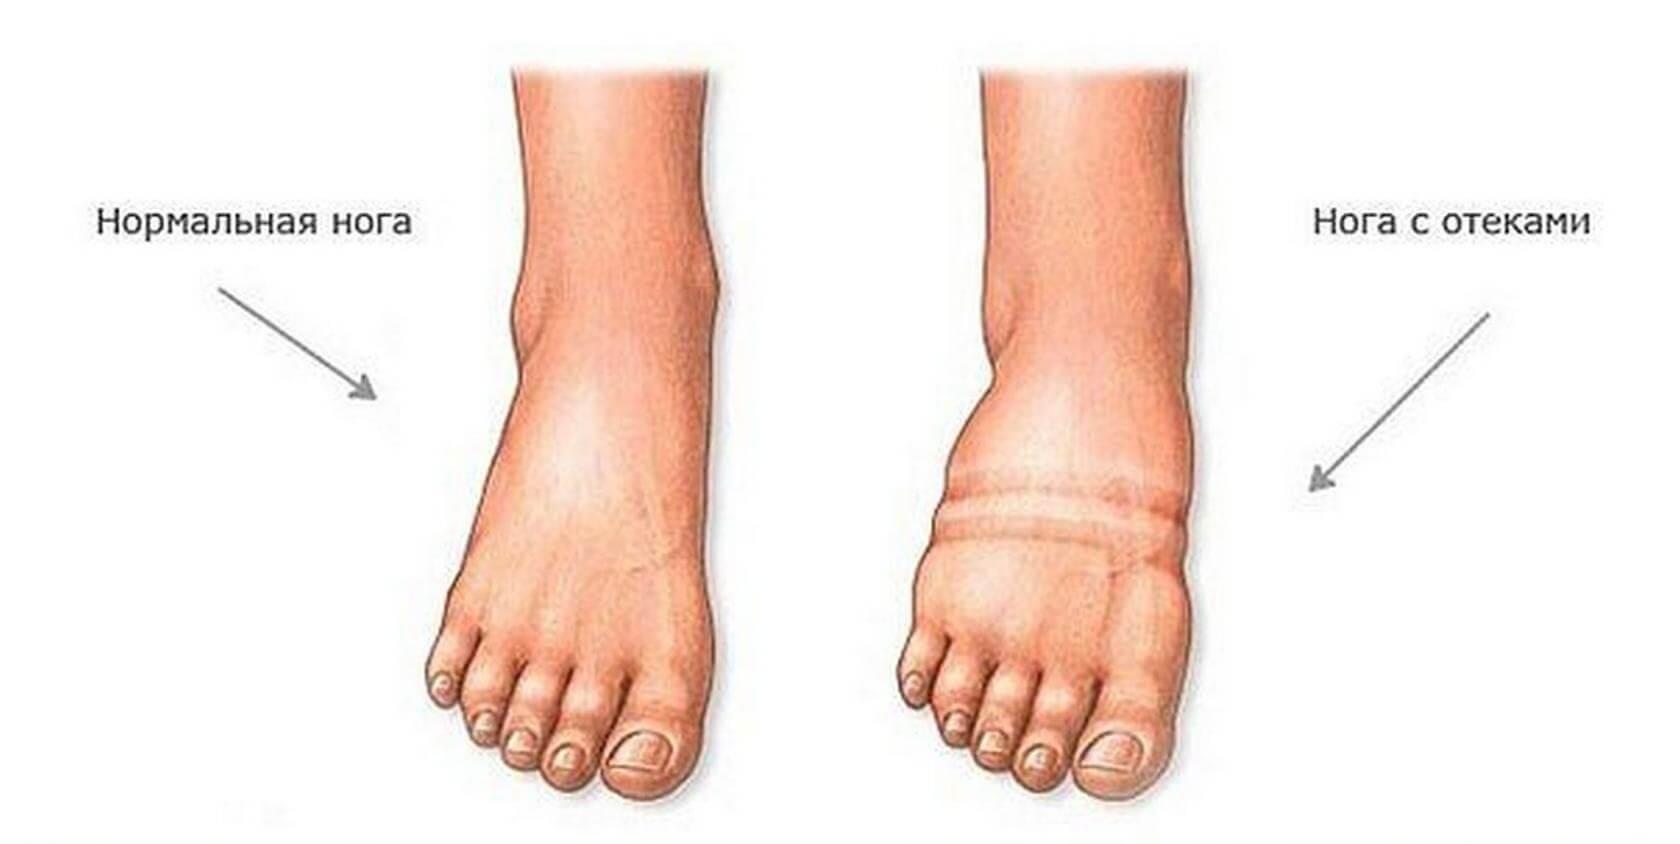 Боремся с усталостью и отеком ног